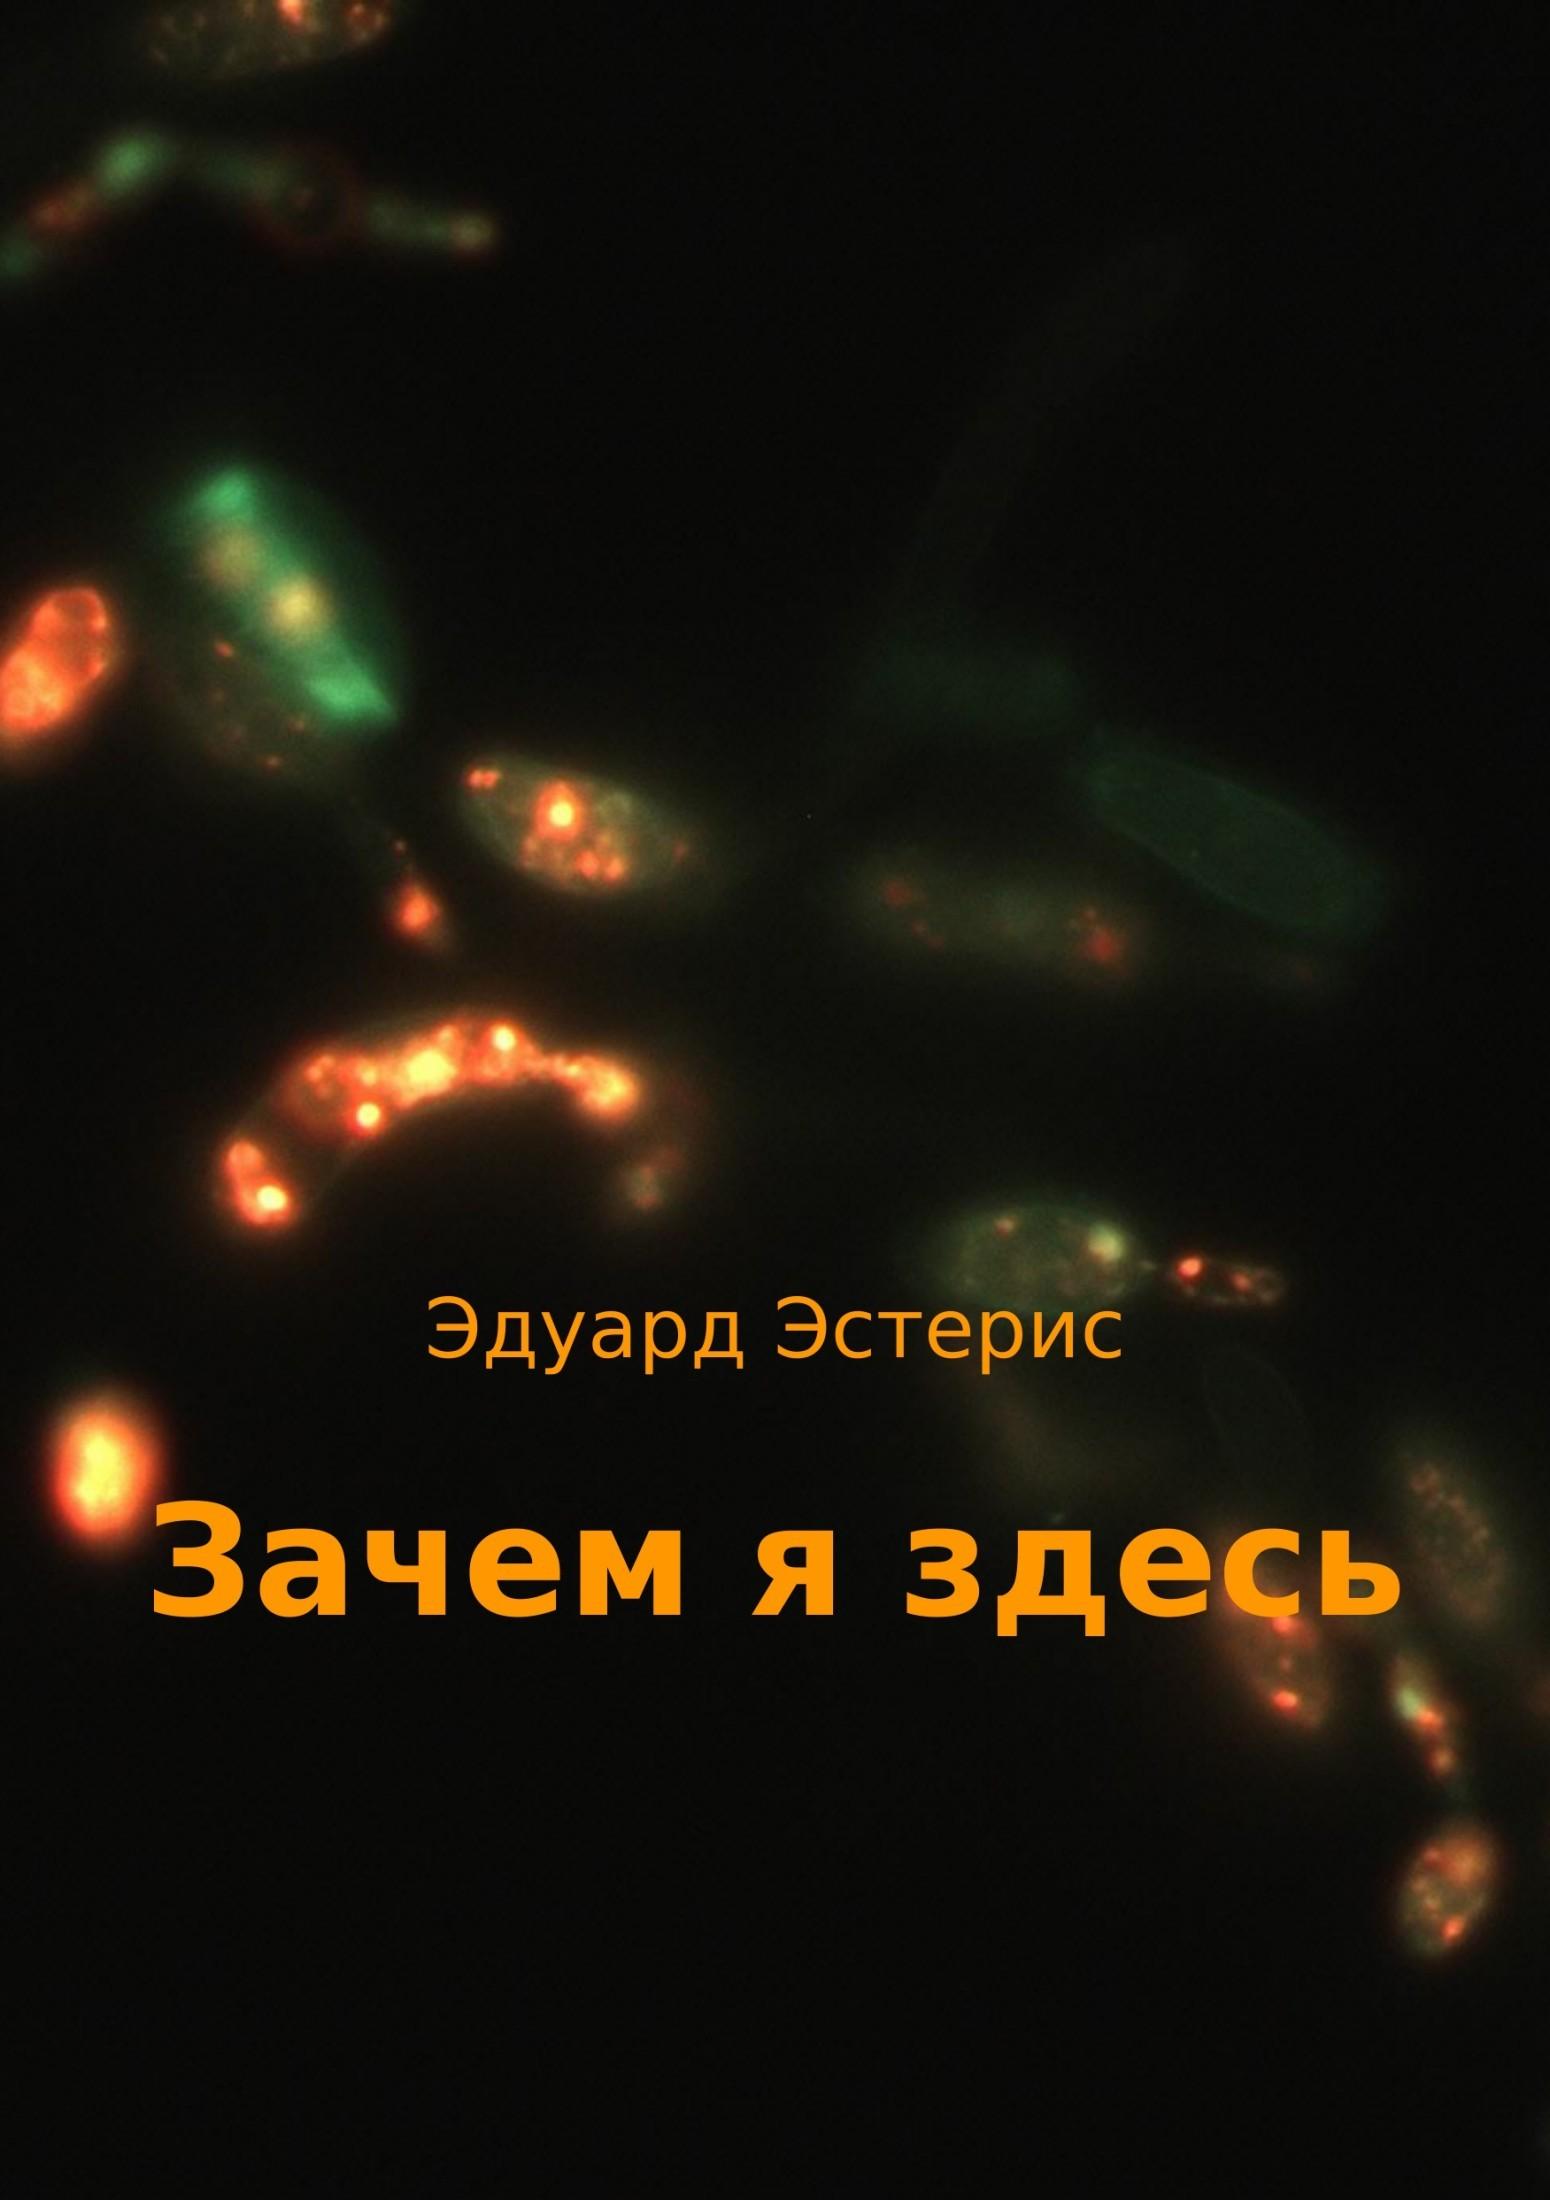 Эдуард Эстерис бесплатно